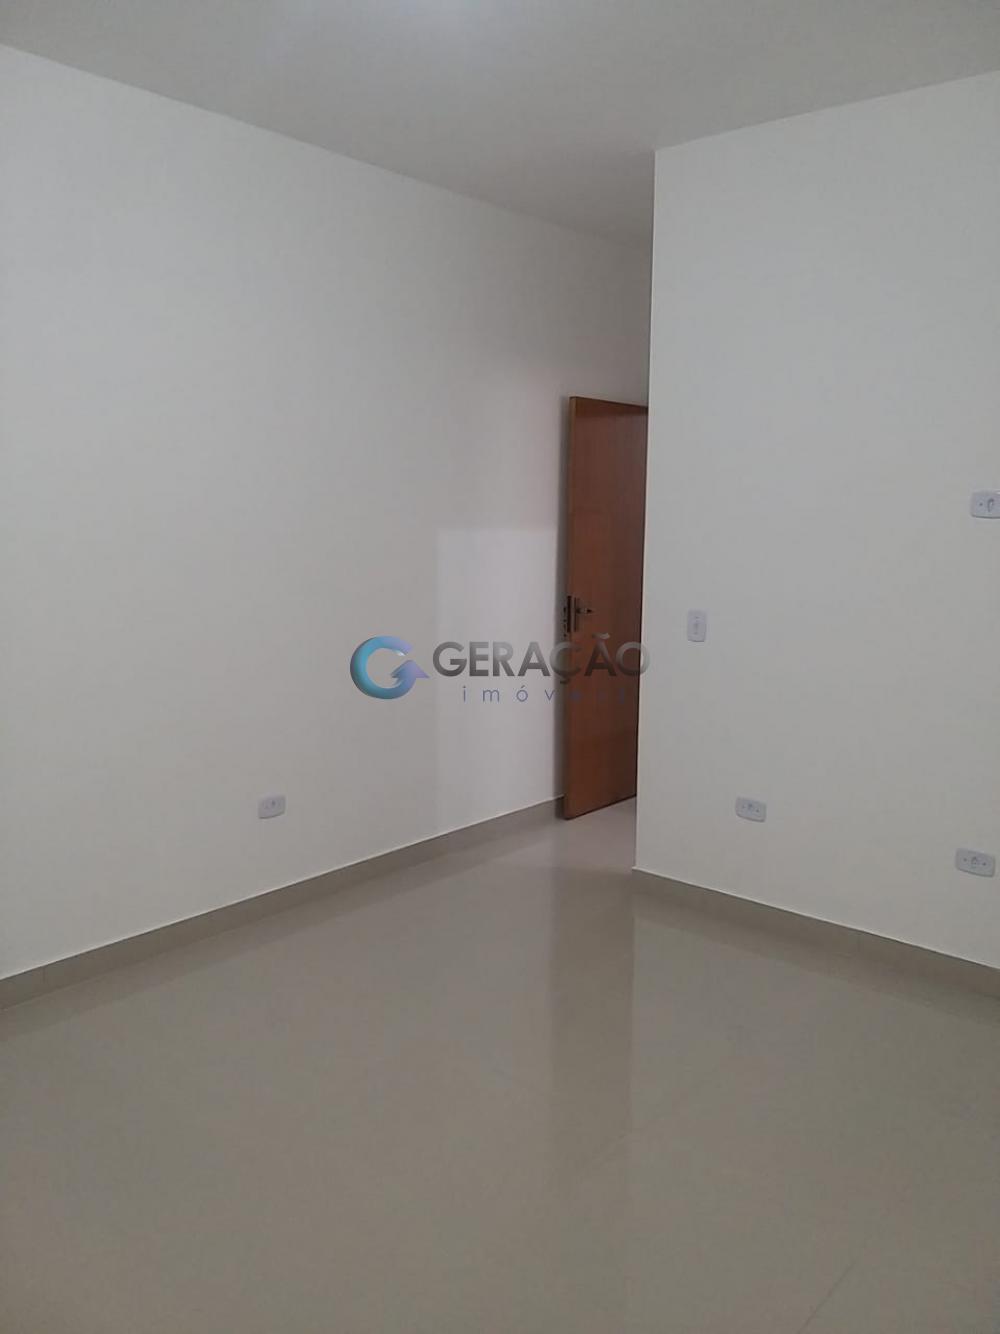 Comprar Casa / Padrão em São José dos Campos R$ 470.000,00 - Foto 13